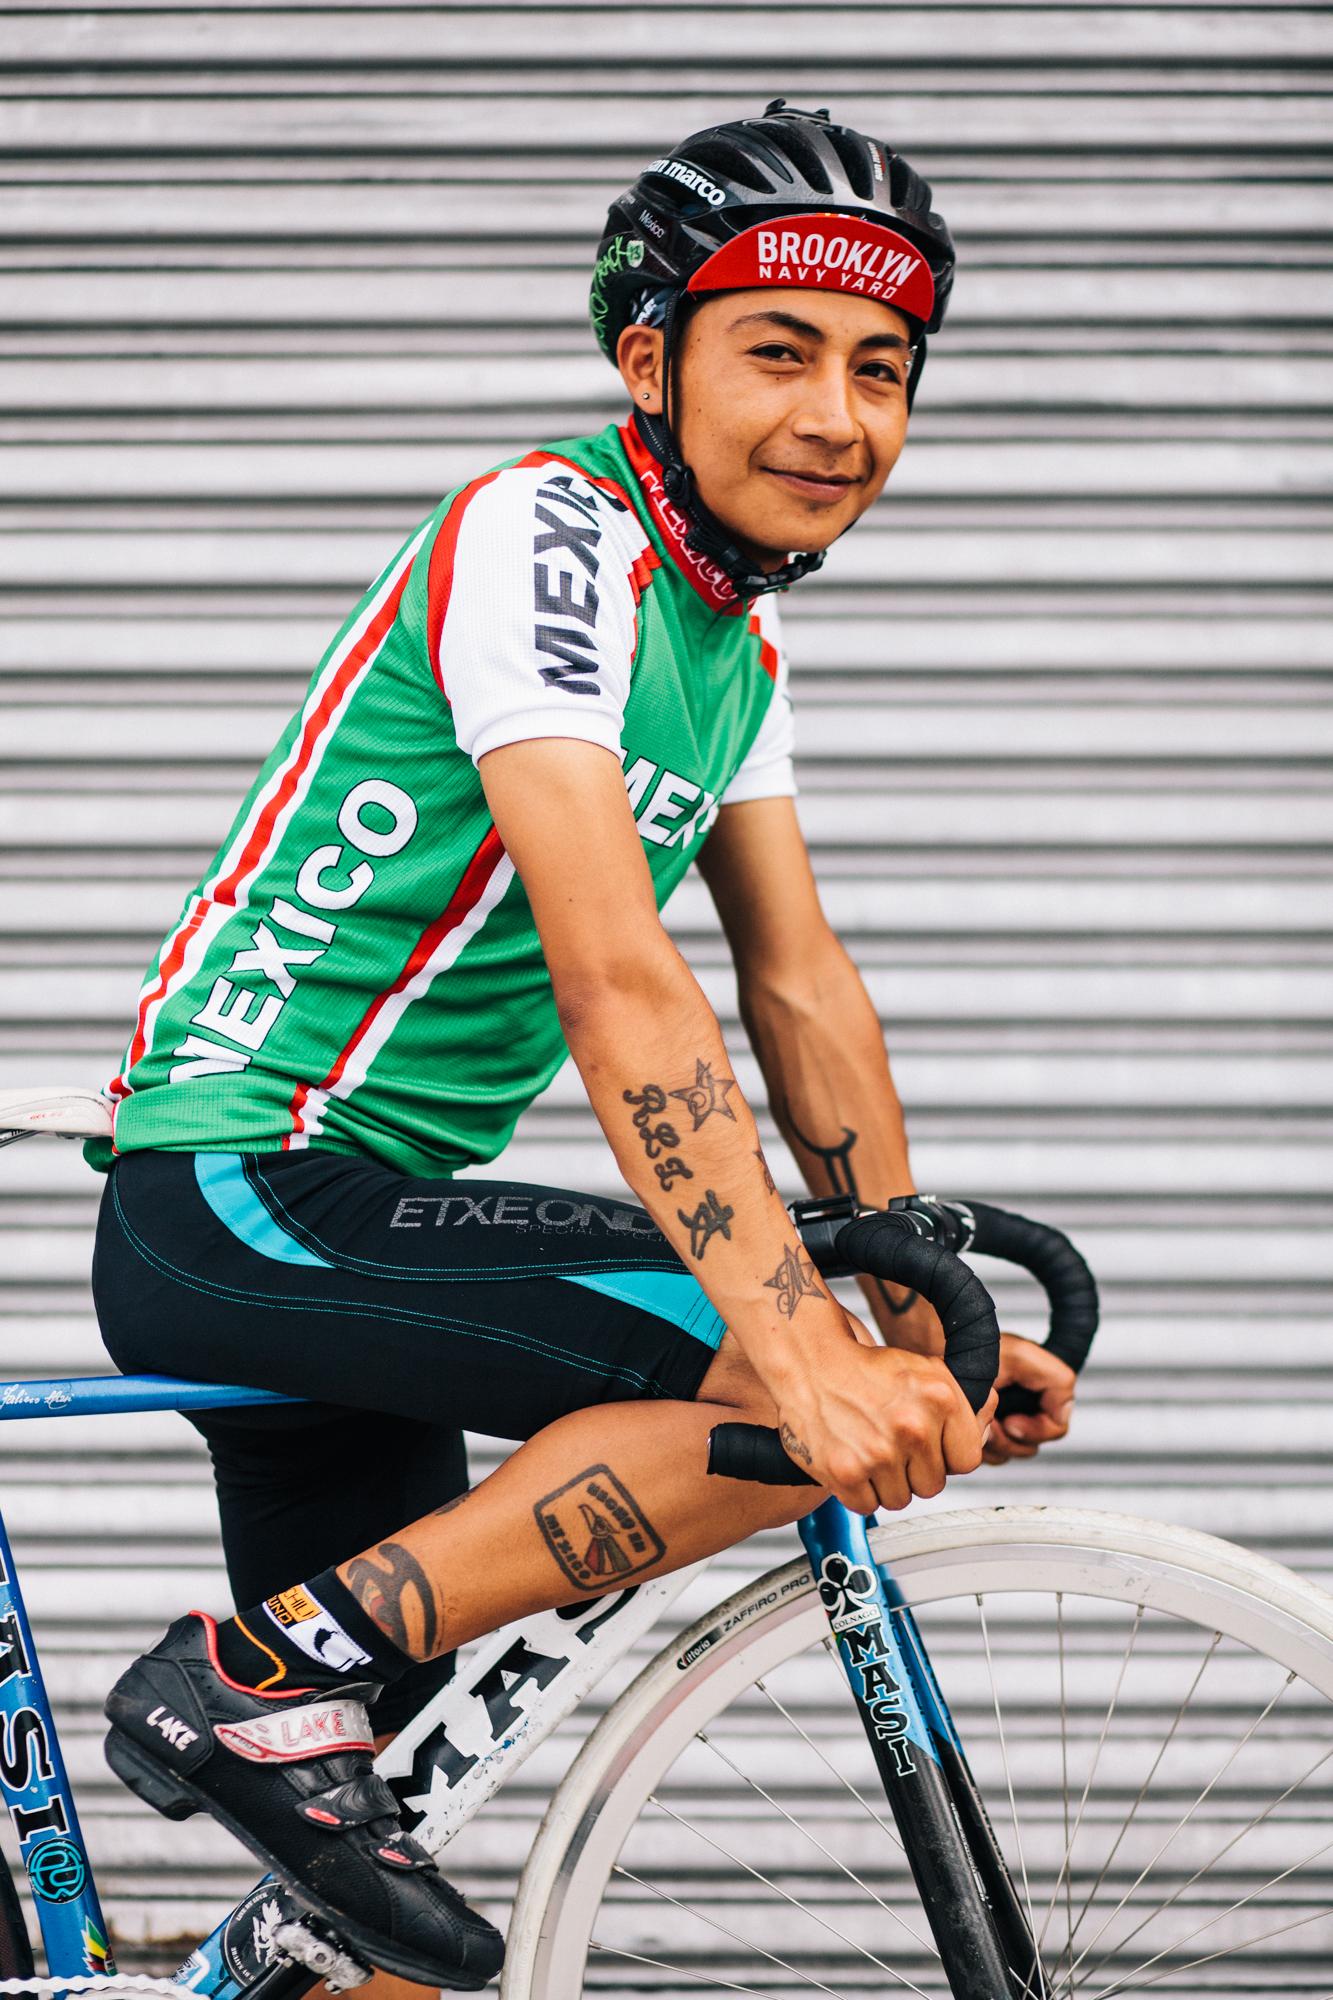 bikestyle-22.jpg